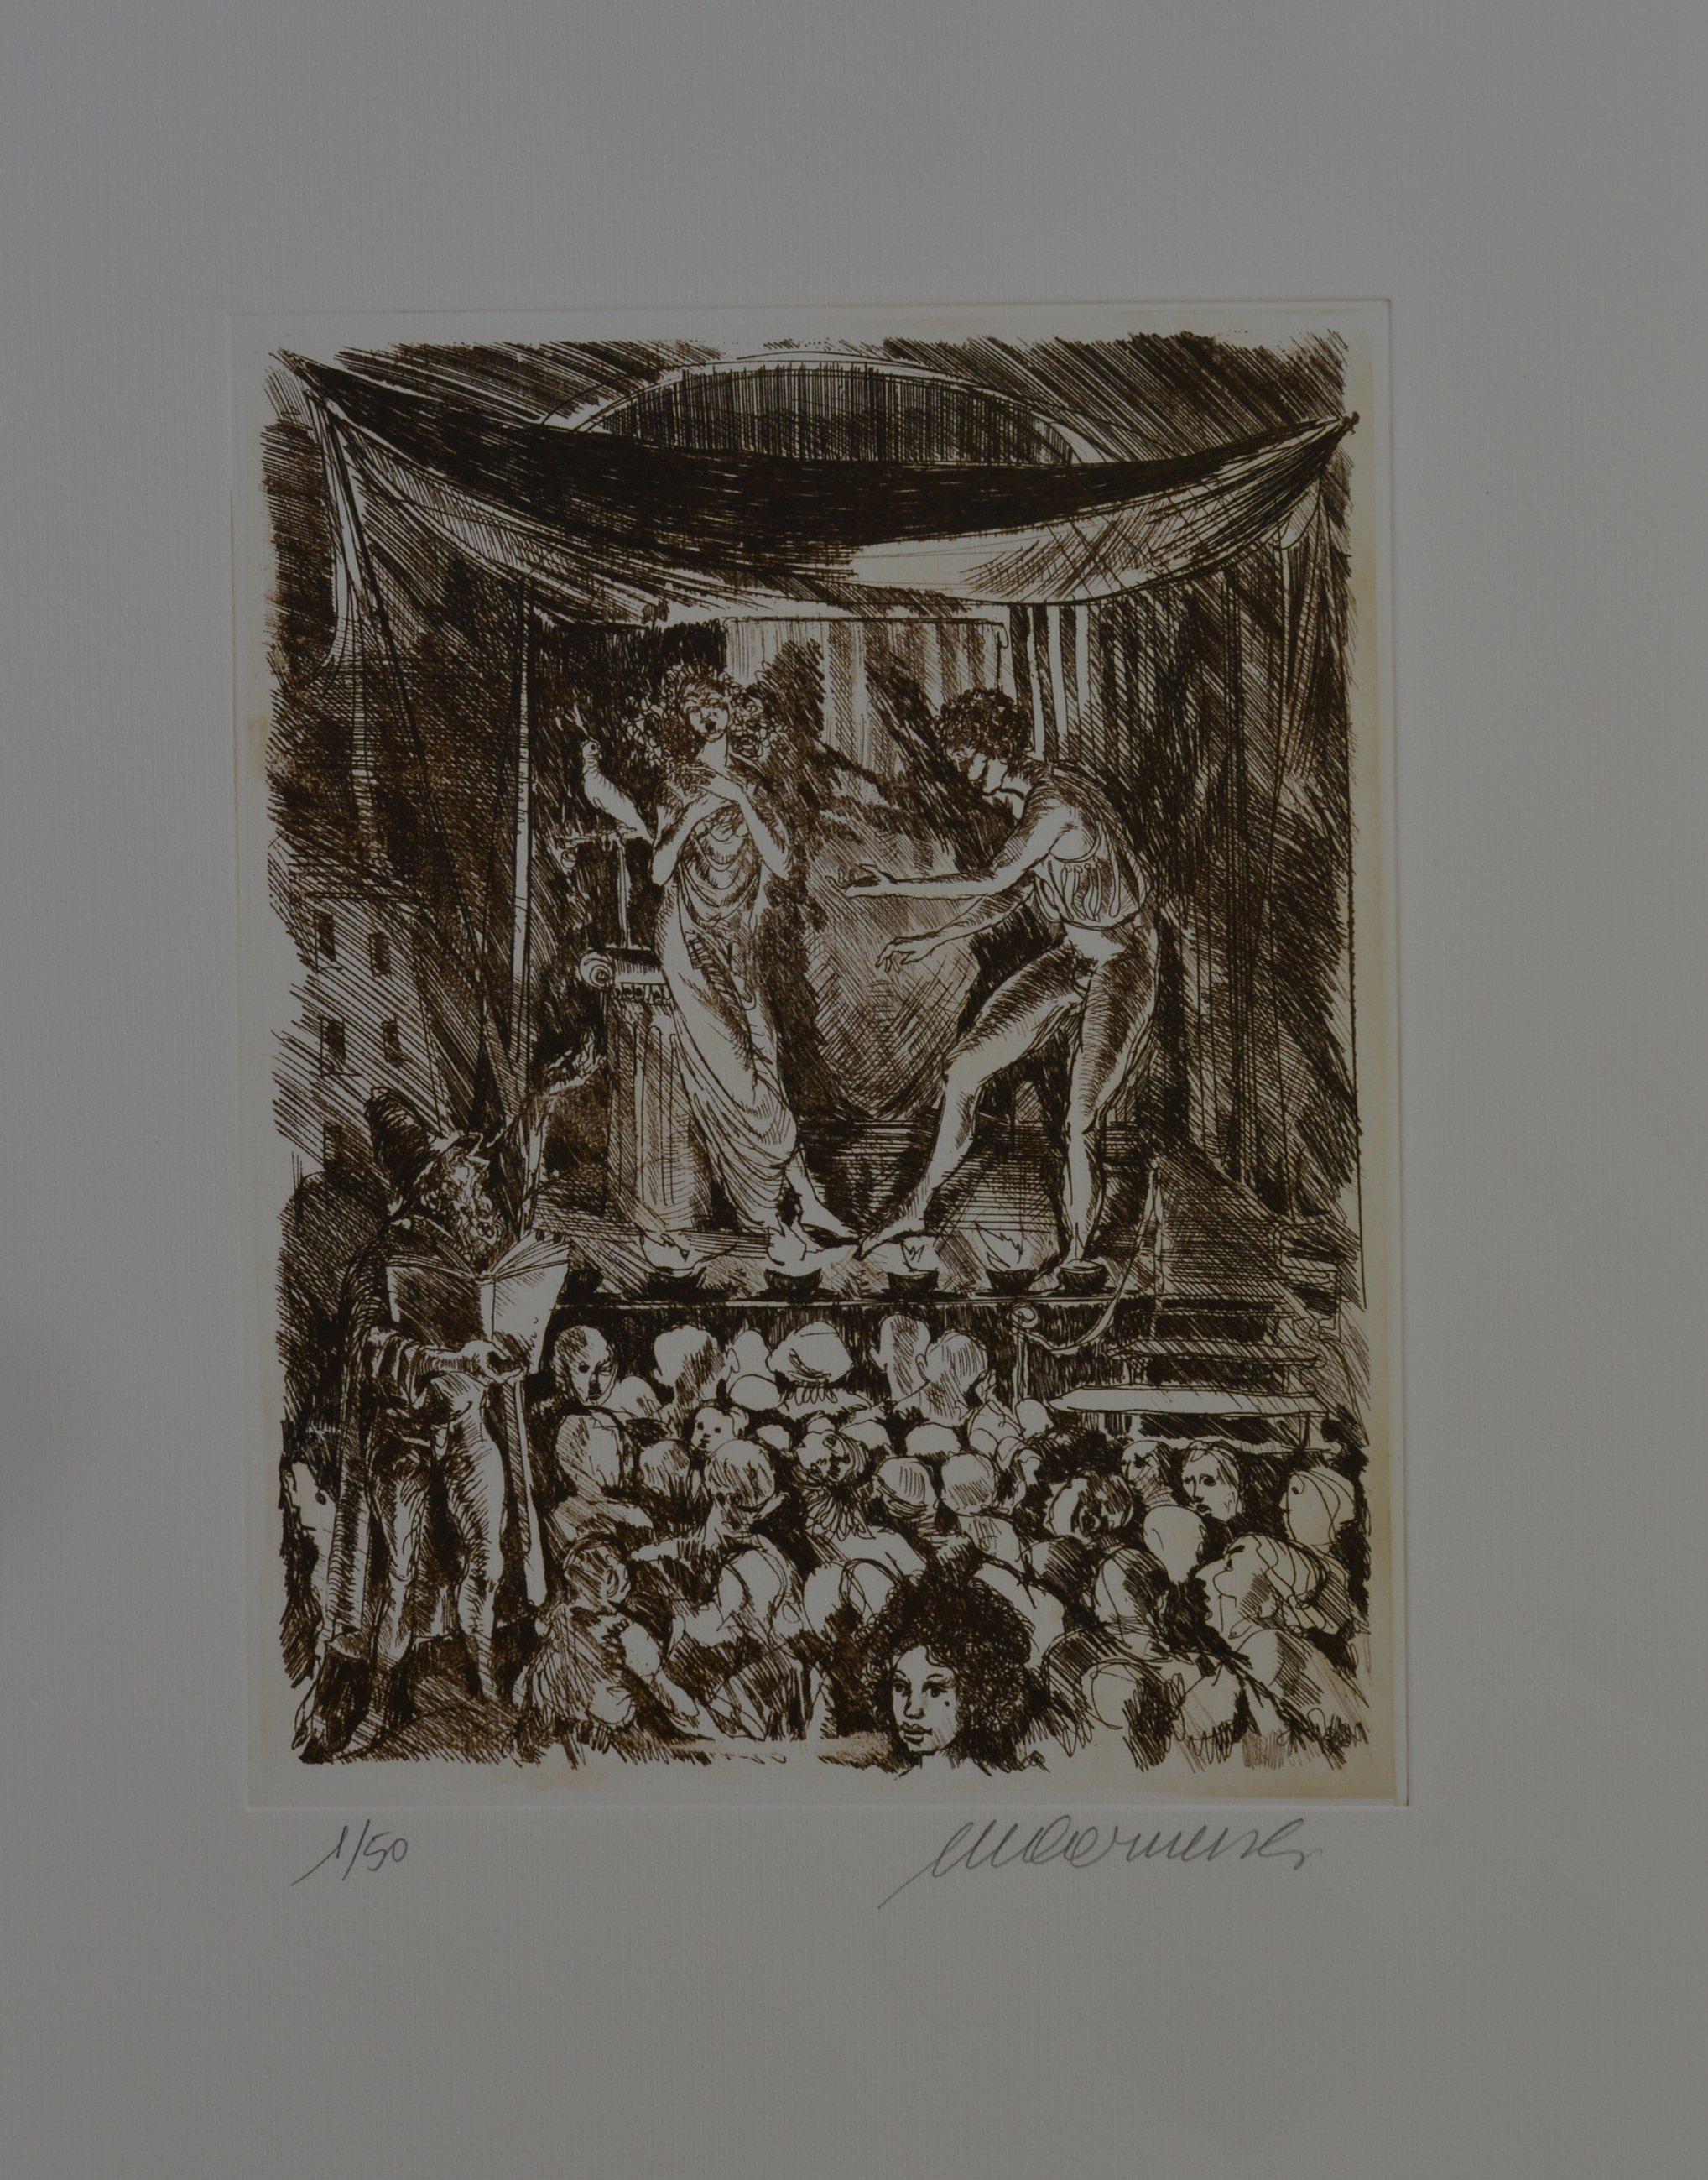 un quadro a sfumature di una donna mezza svestita e un uomo diavolo  con la barba che suona un piffero